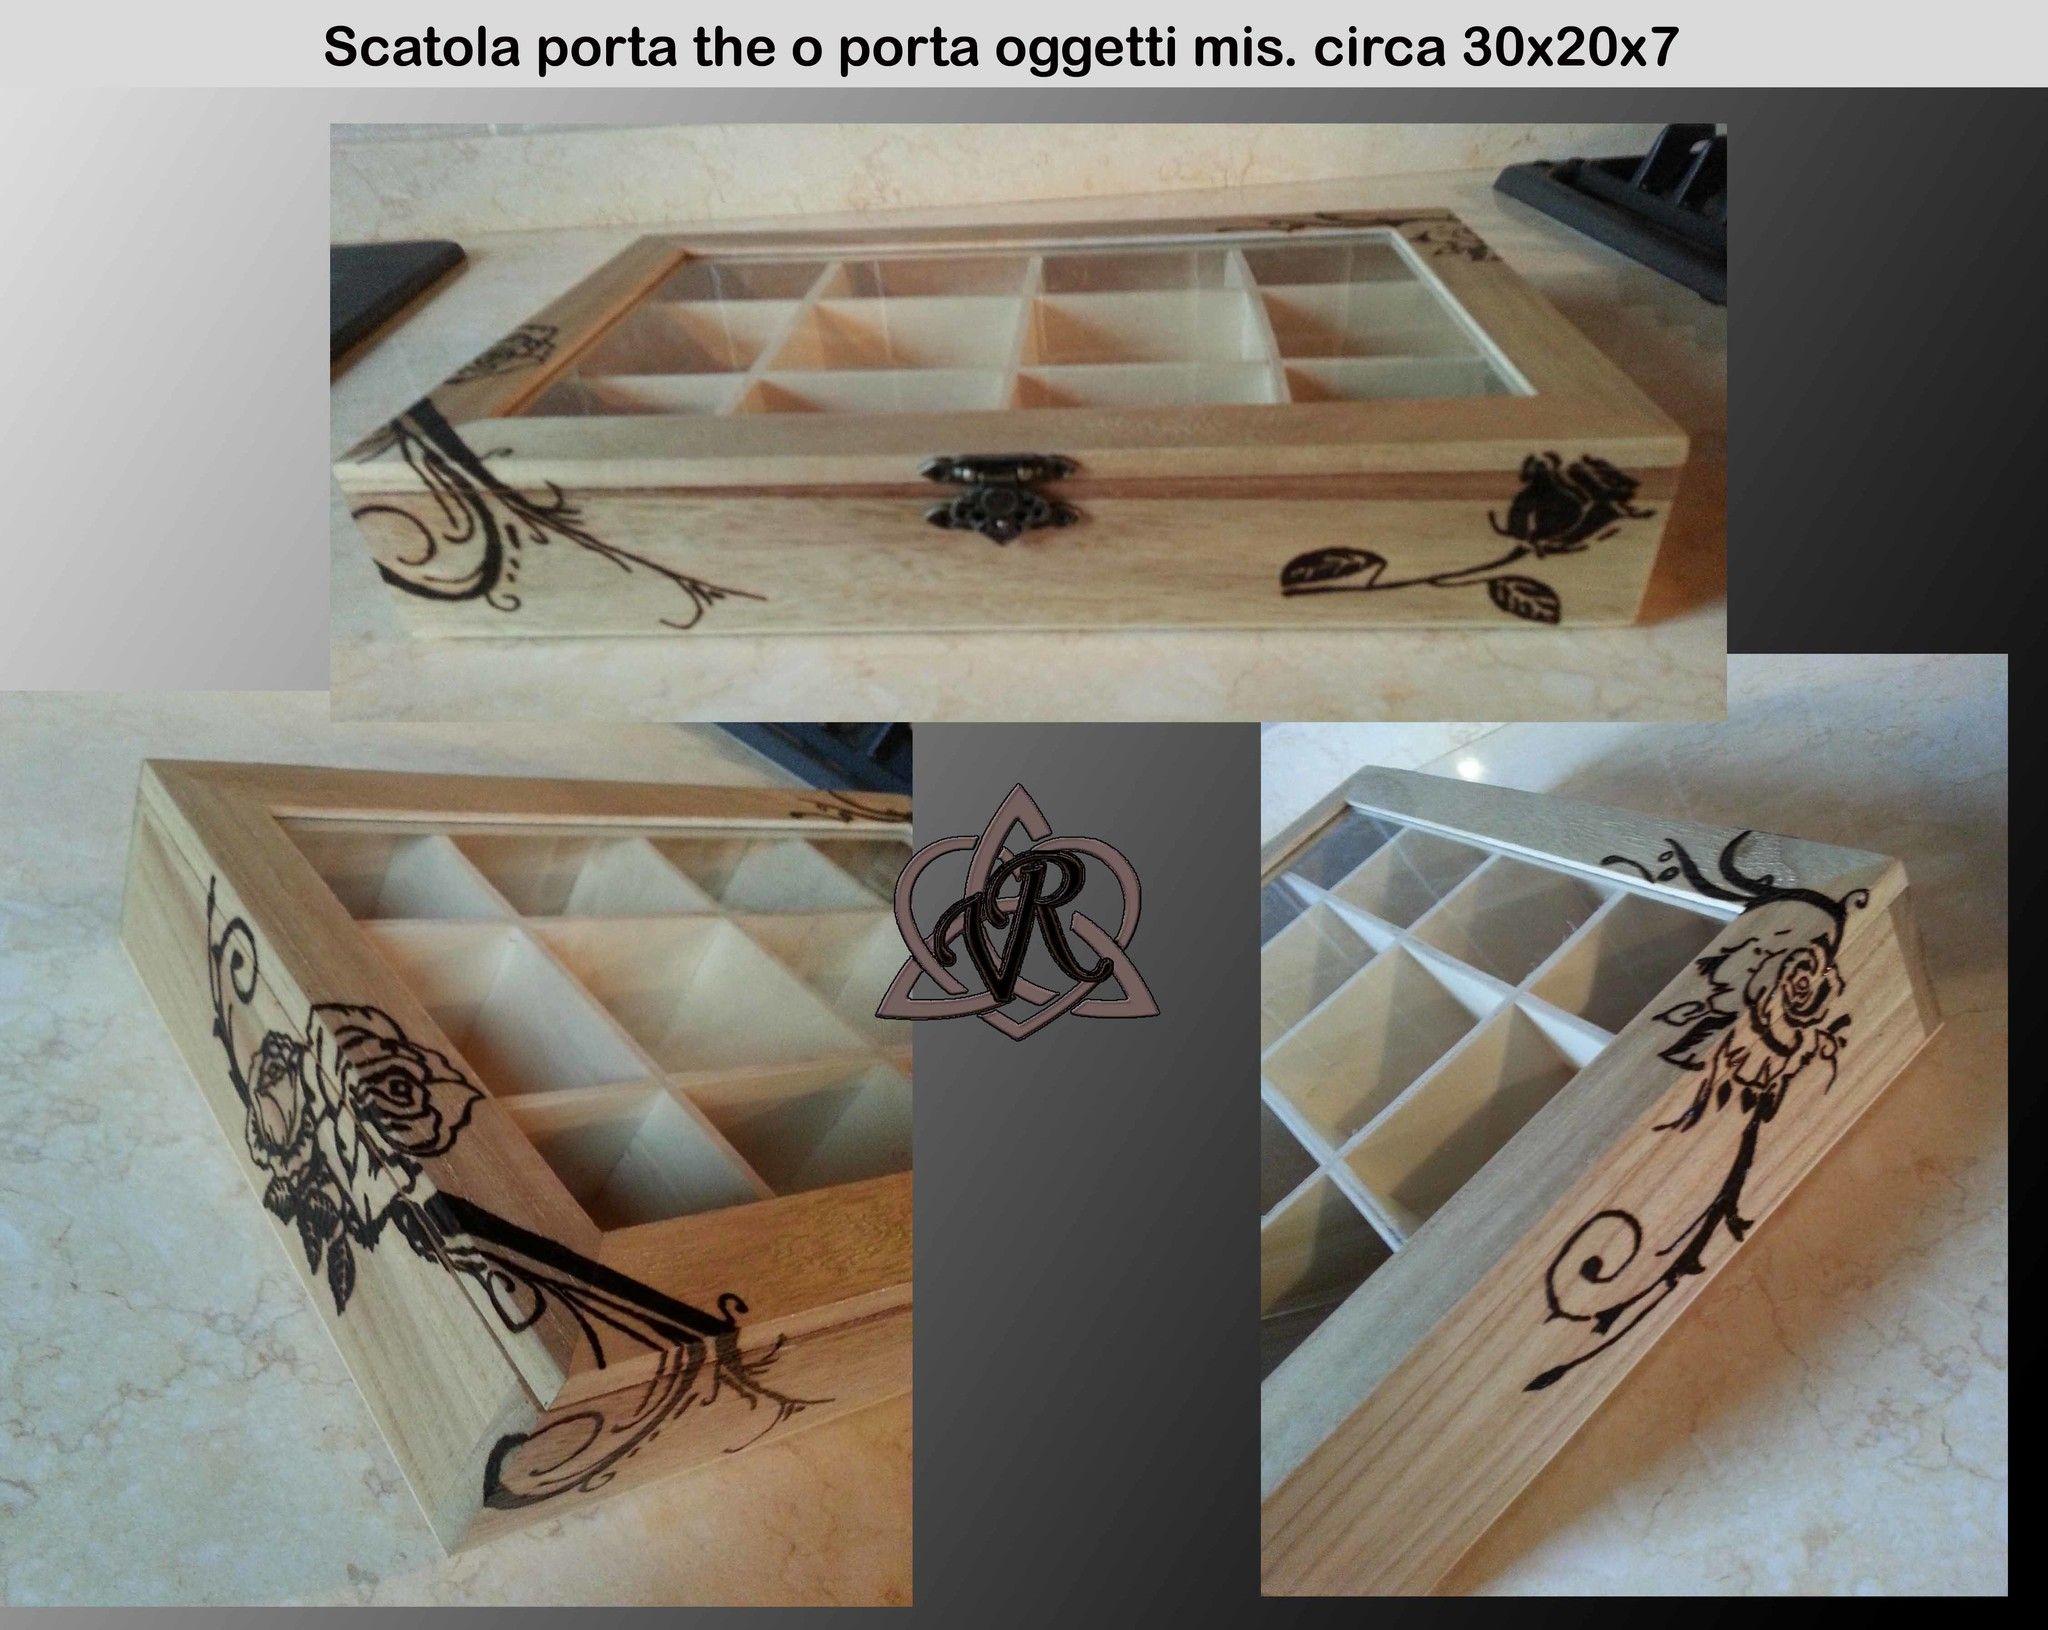 Scatola IDEA P/THE mis. circa 30x20x7